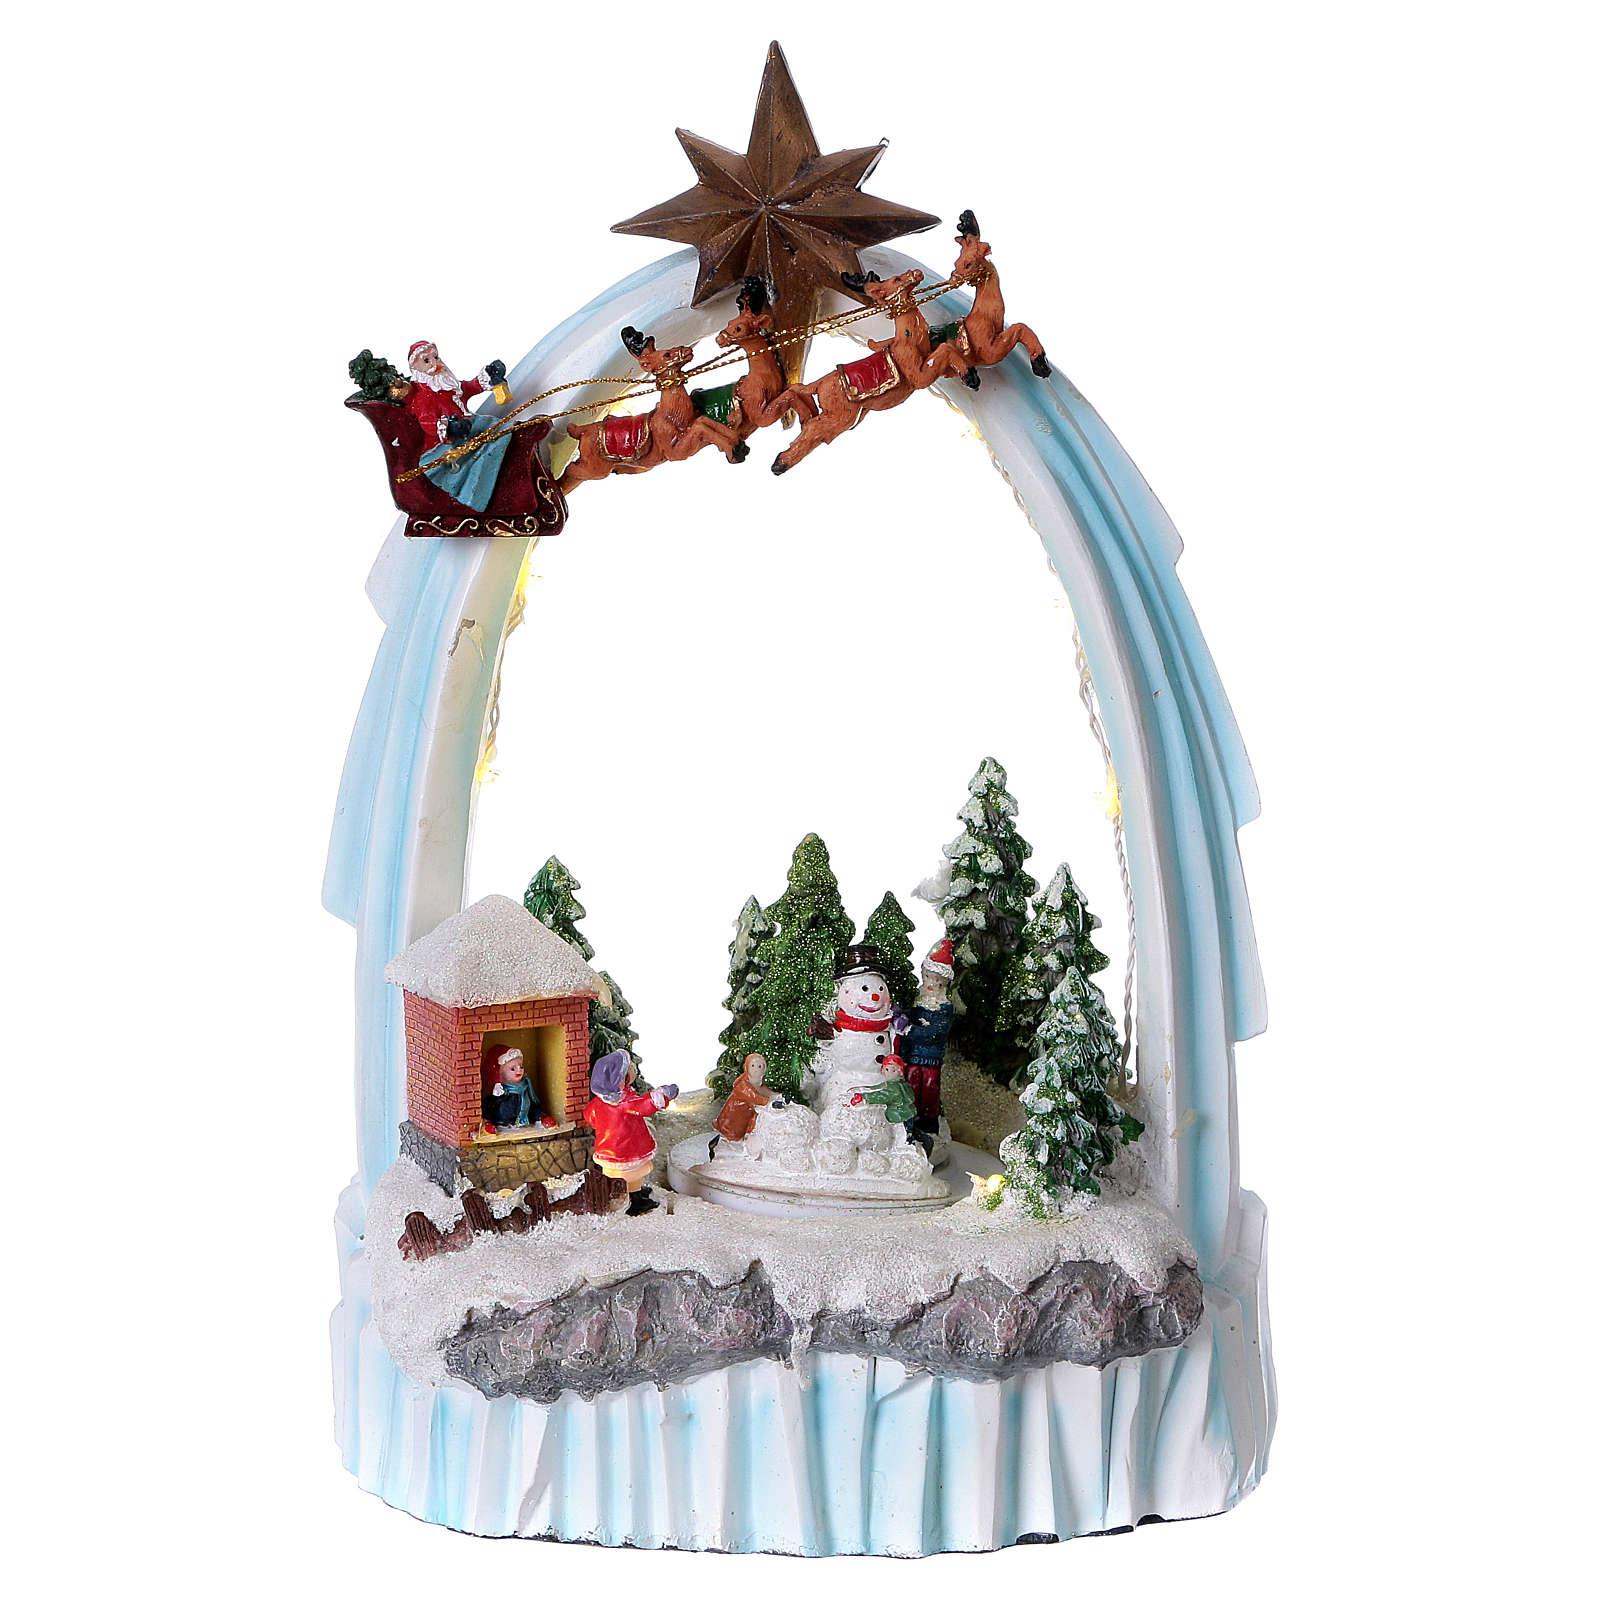 Paysage de Noël en résine 30x20x15 cm enfants mouvement piles 3